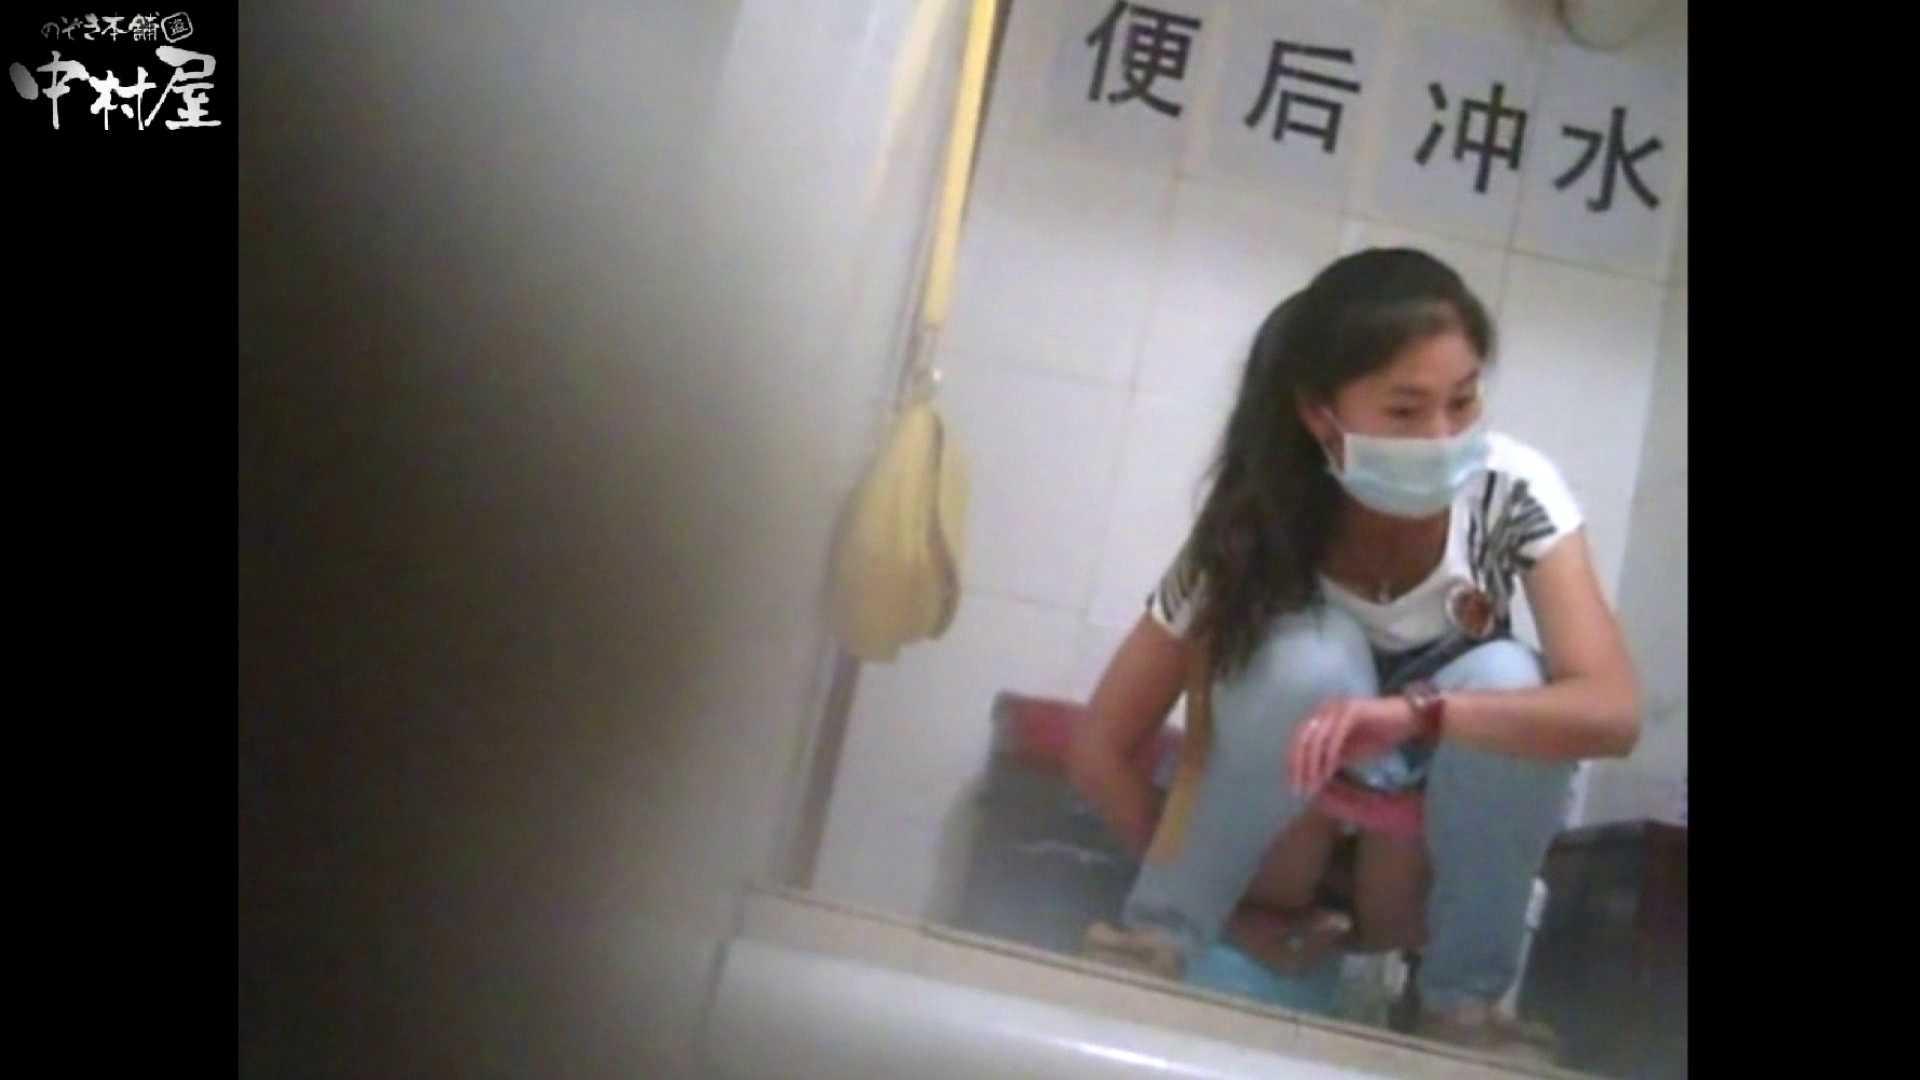 李さんの盗撮日記 Vol.13 トイレ | ギャルのエロ動画 盗撮 93PIX 13